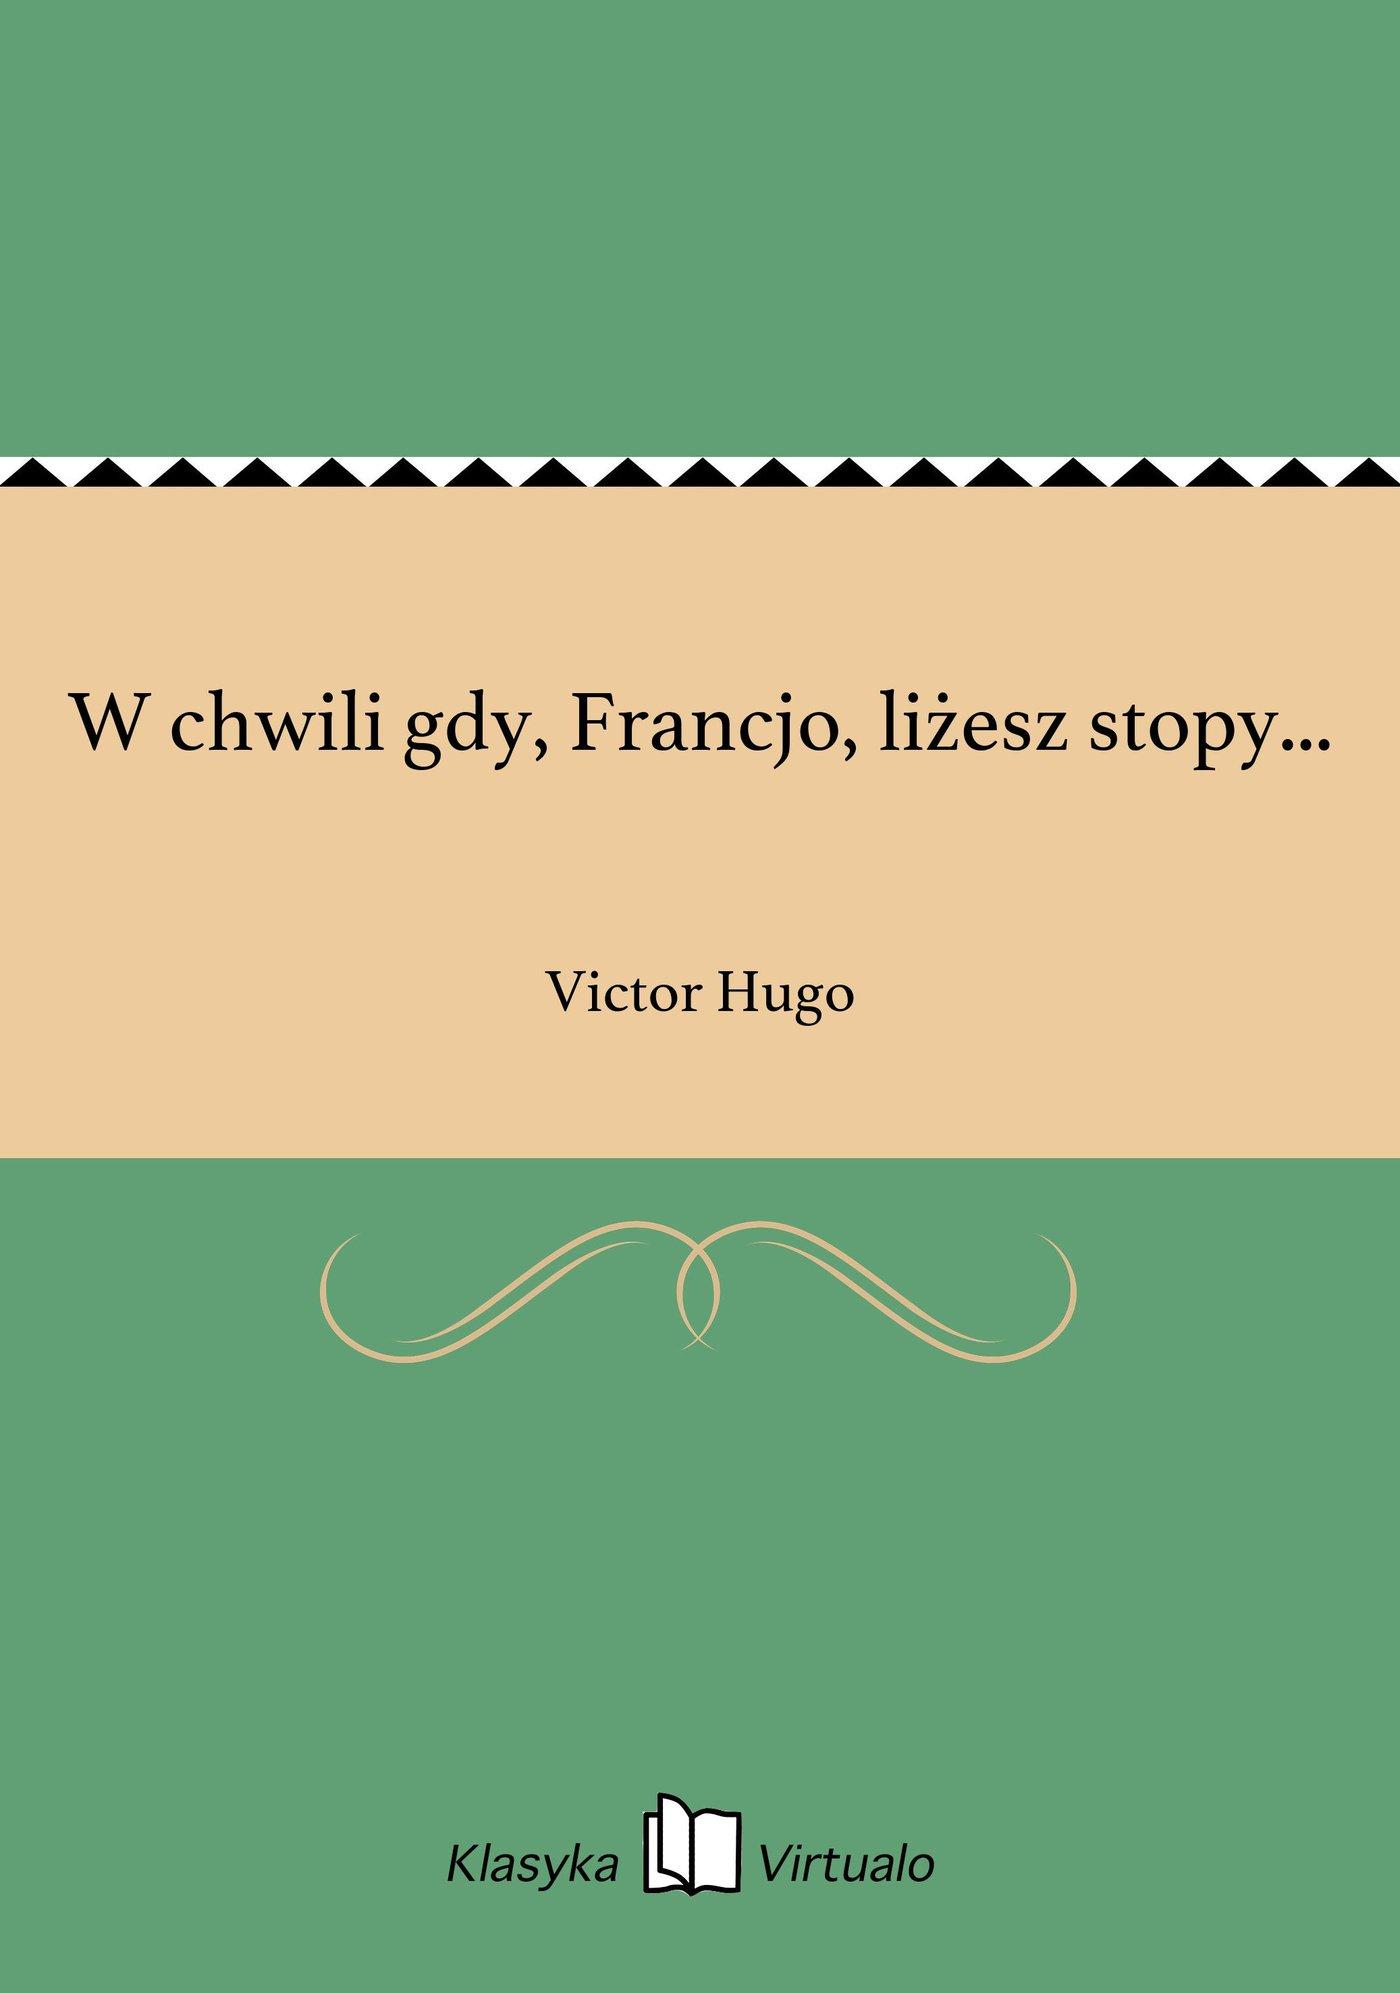 W chwili gdy, Francjo, liżesz stopy... - Ebook (Książka EPUB) do pobrania w formacie EPUB